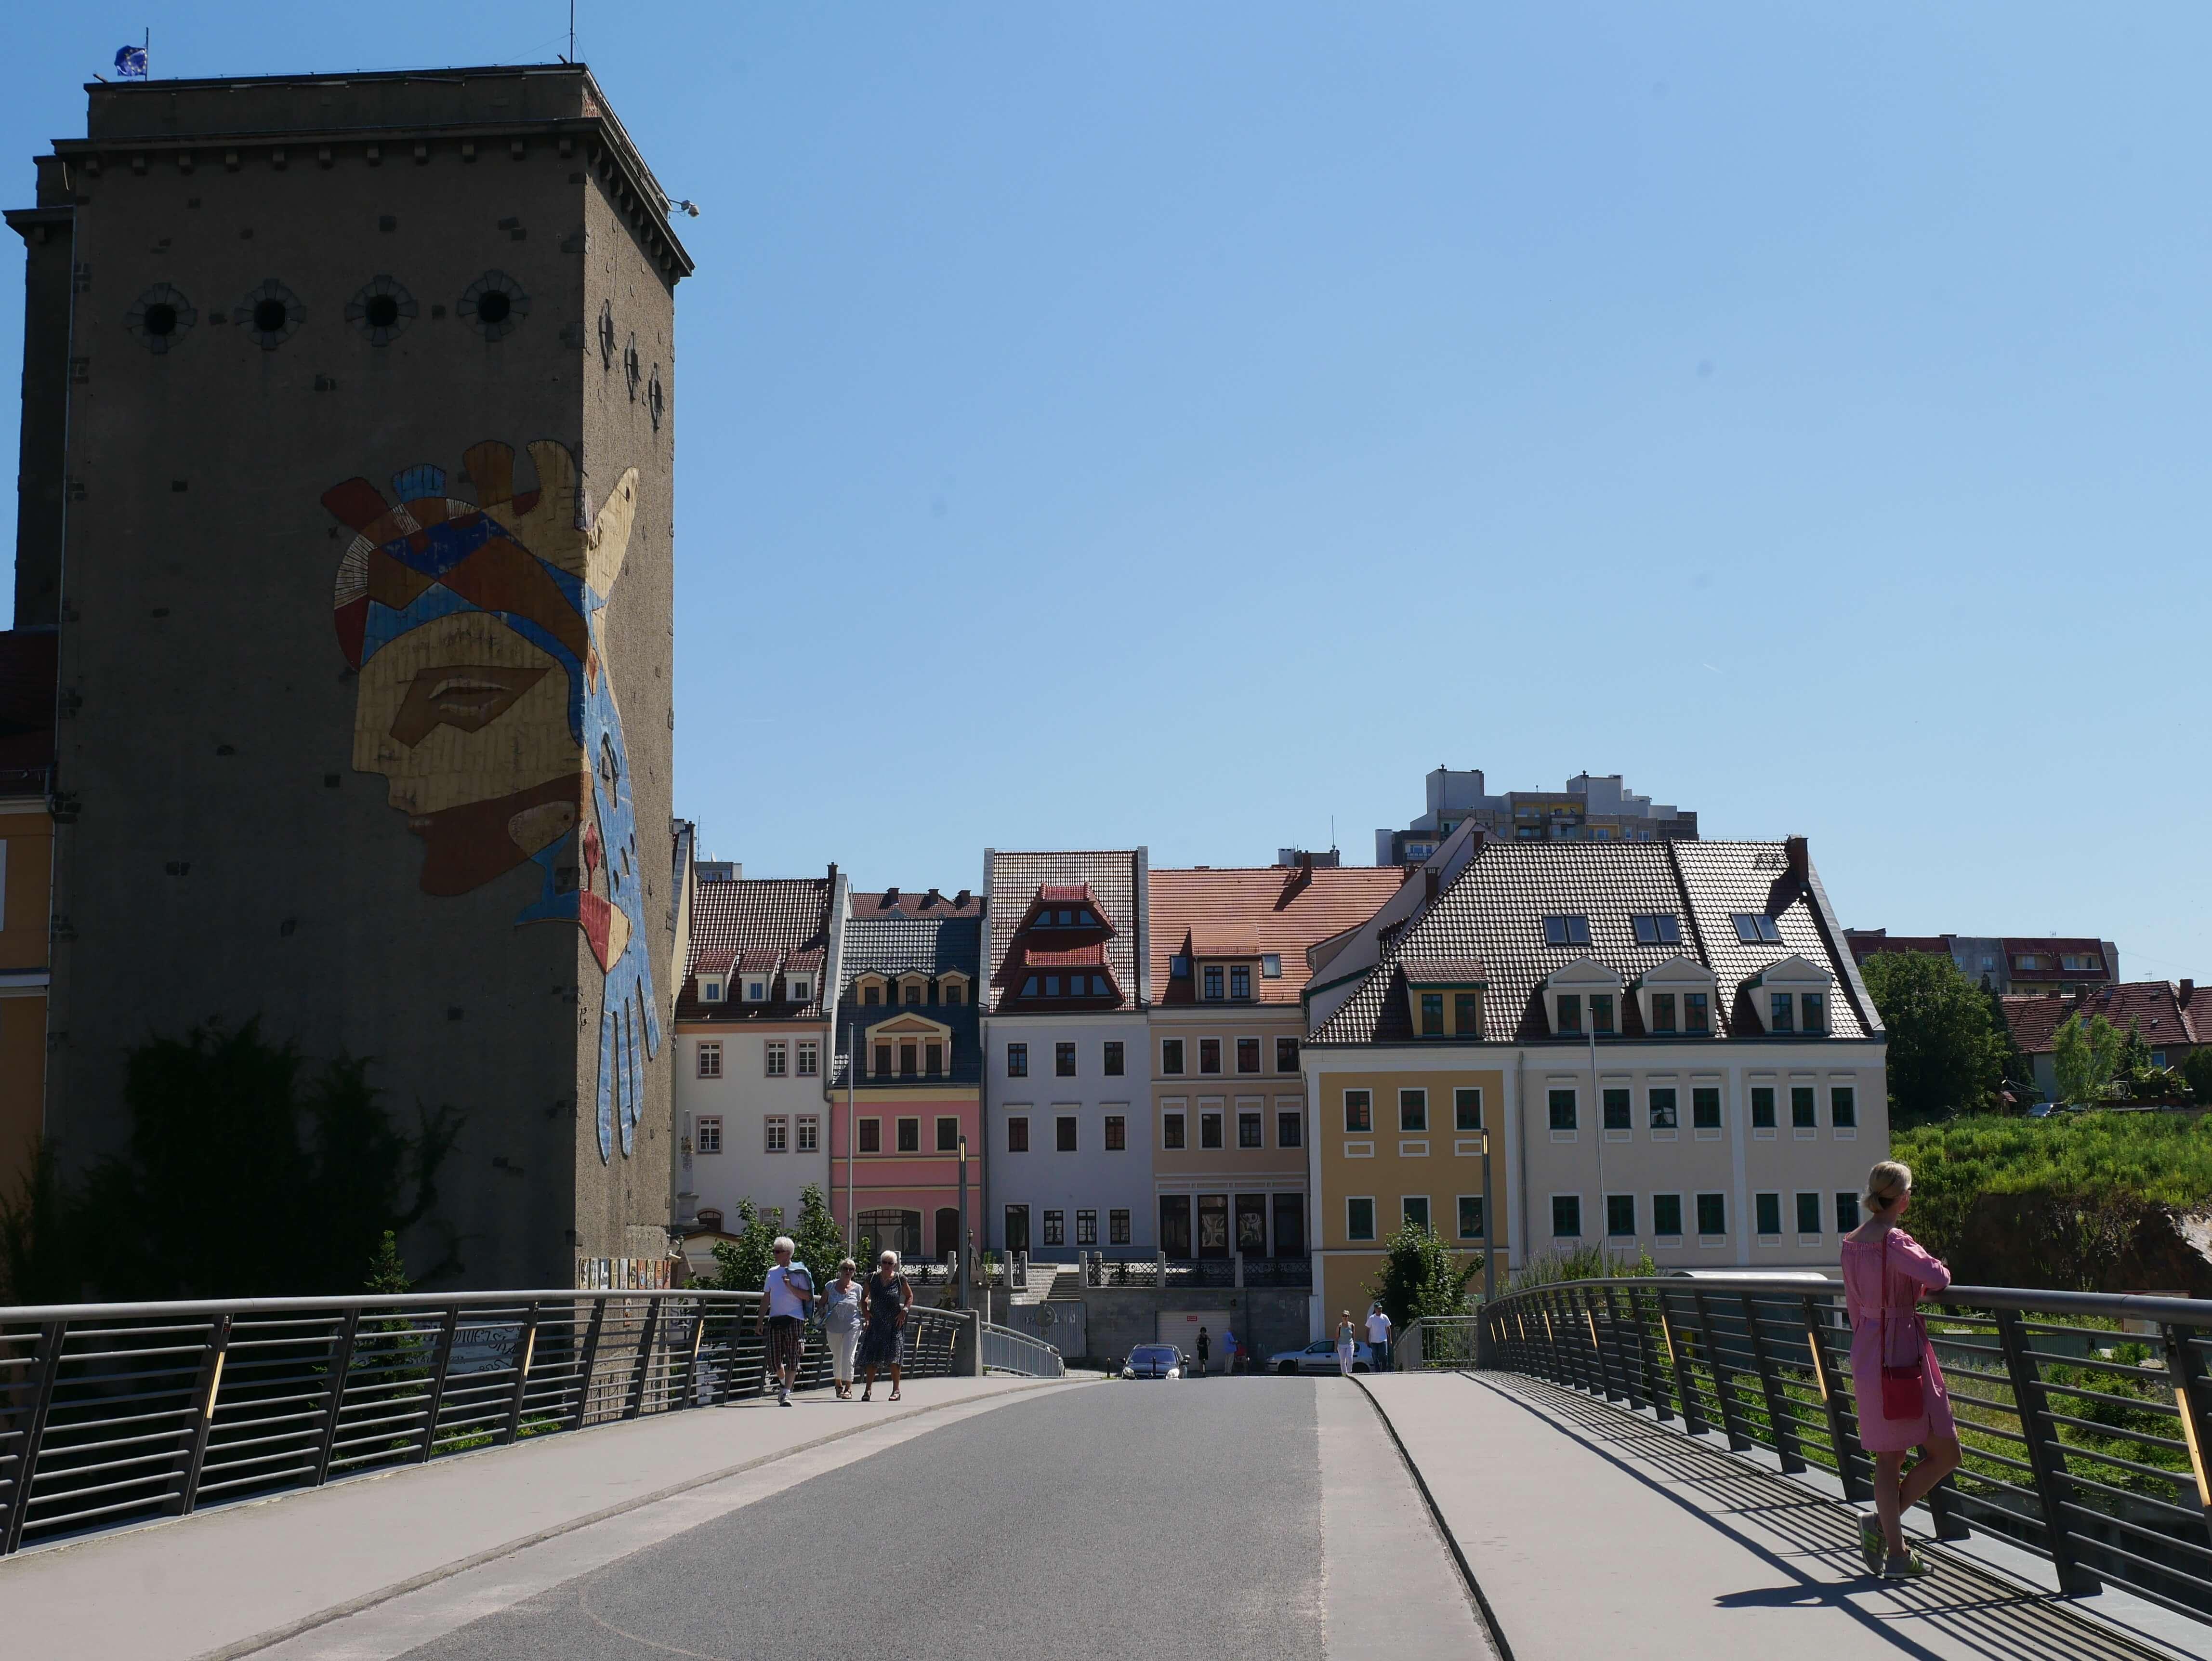 Aldstadtbrucke-old town bridge that connects Gorlitz and Zgorzelec